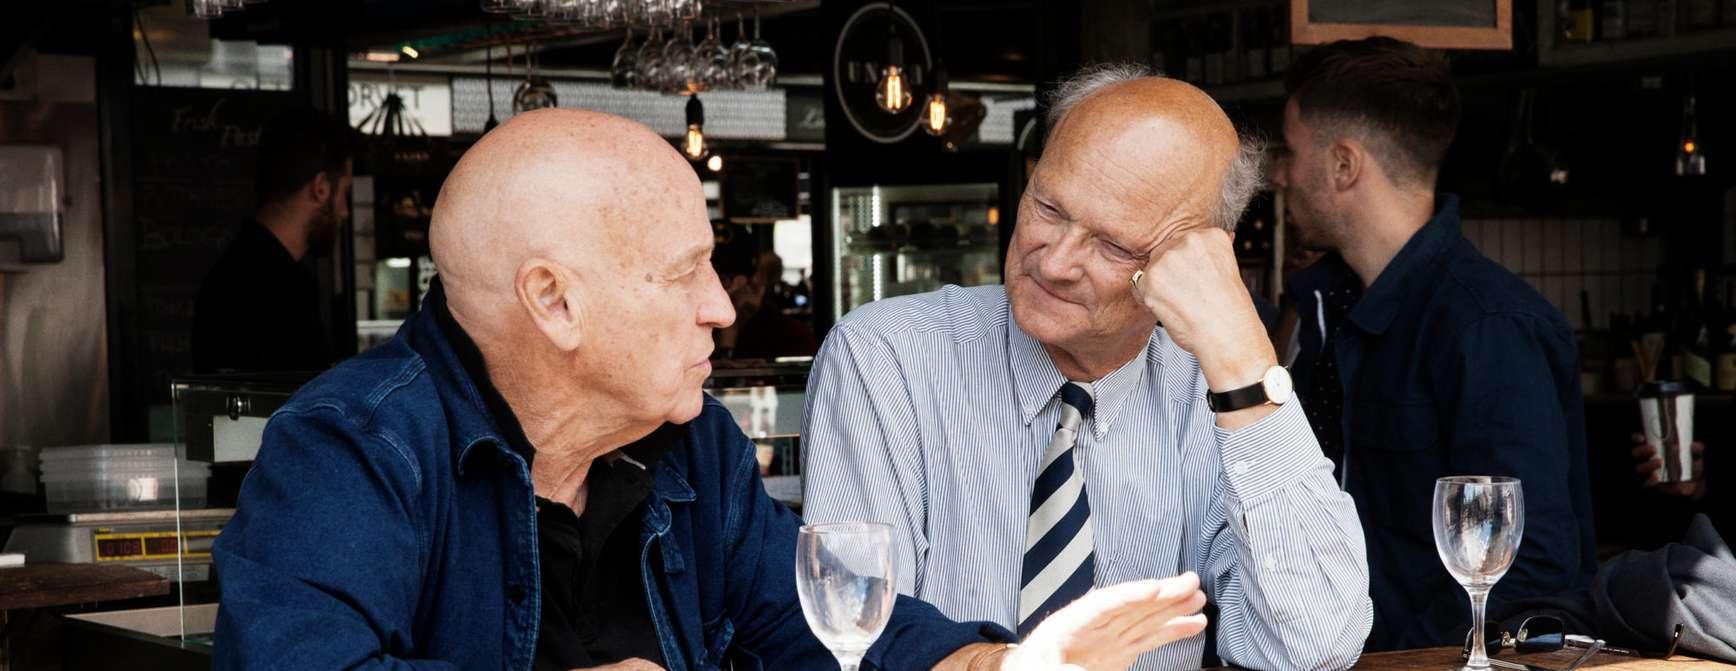 To eldre herrer koser seg i Aalborg.